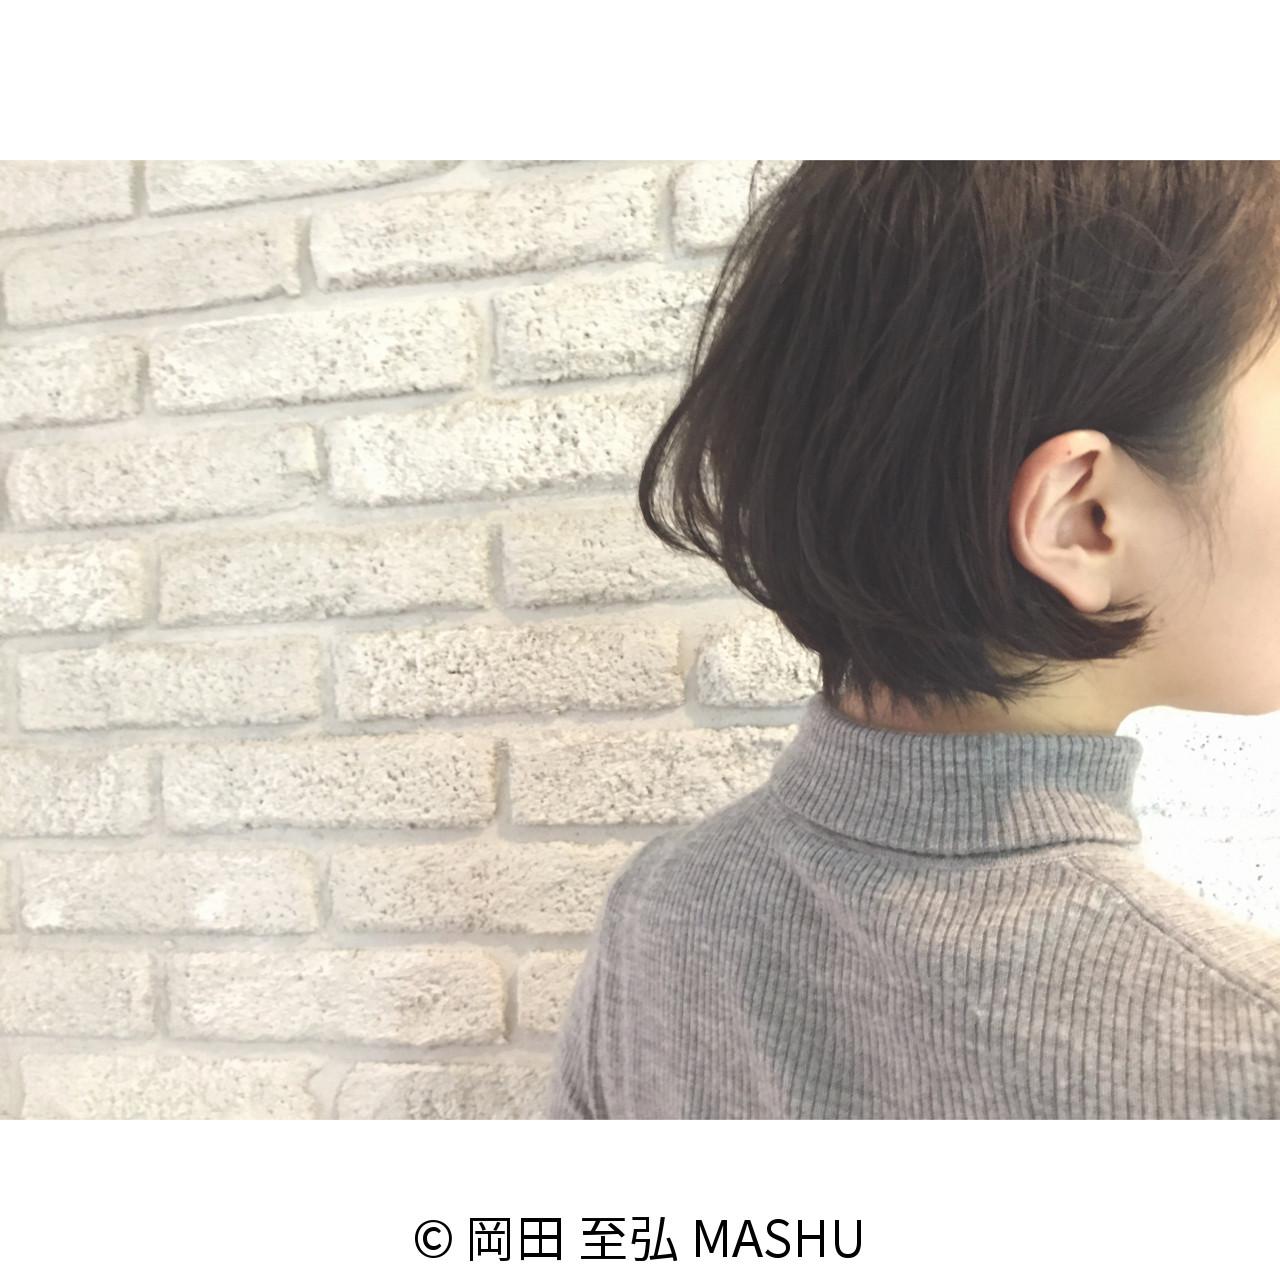 冬にぴったり!タートルネックにも似合う小顔ショートヘアスタイル集  岡田 至弘 MASHU